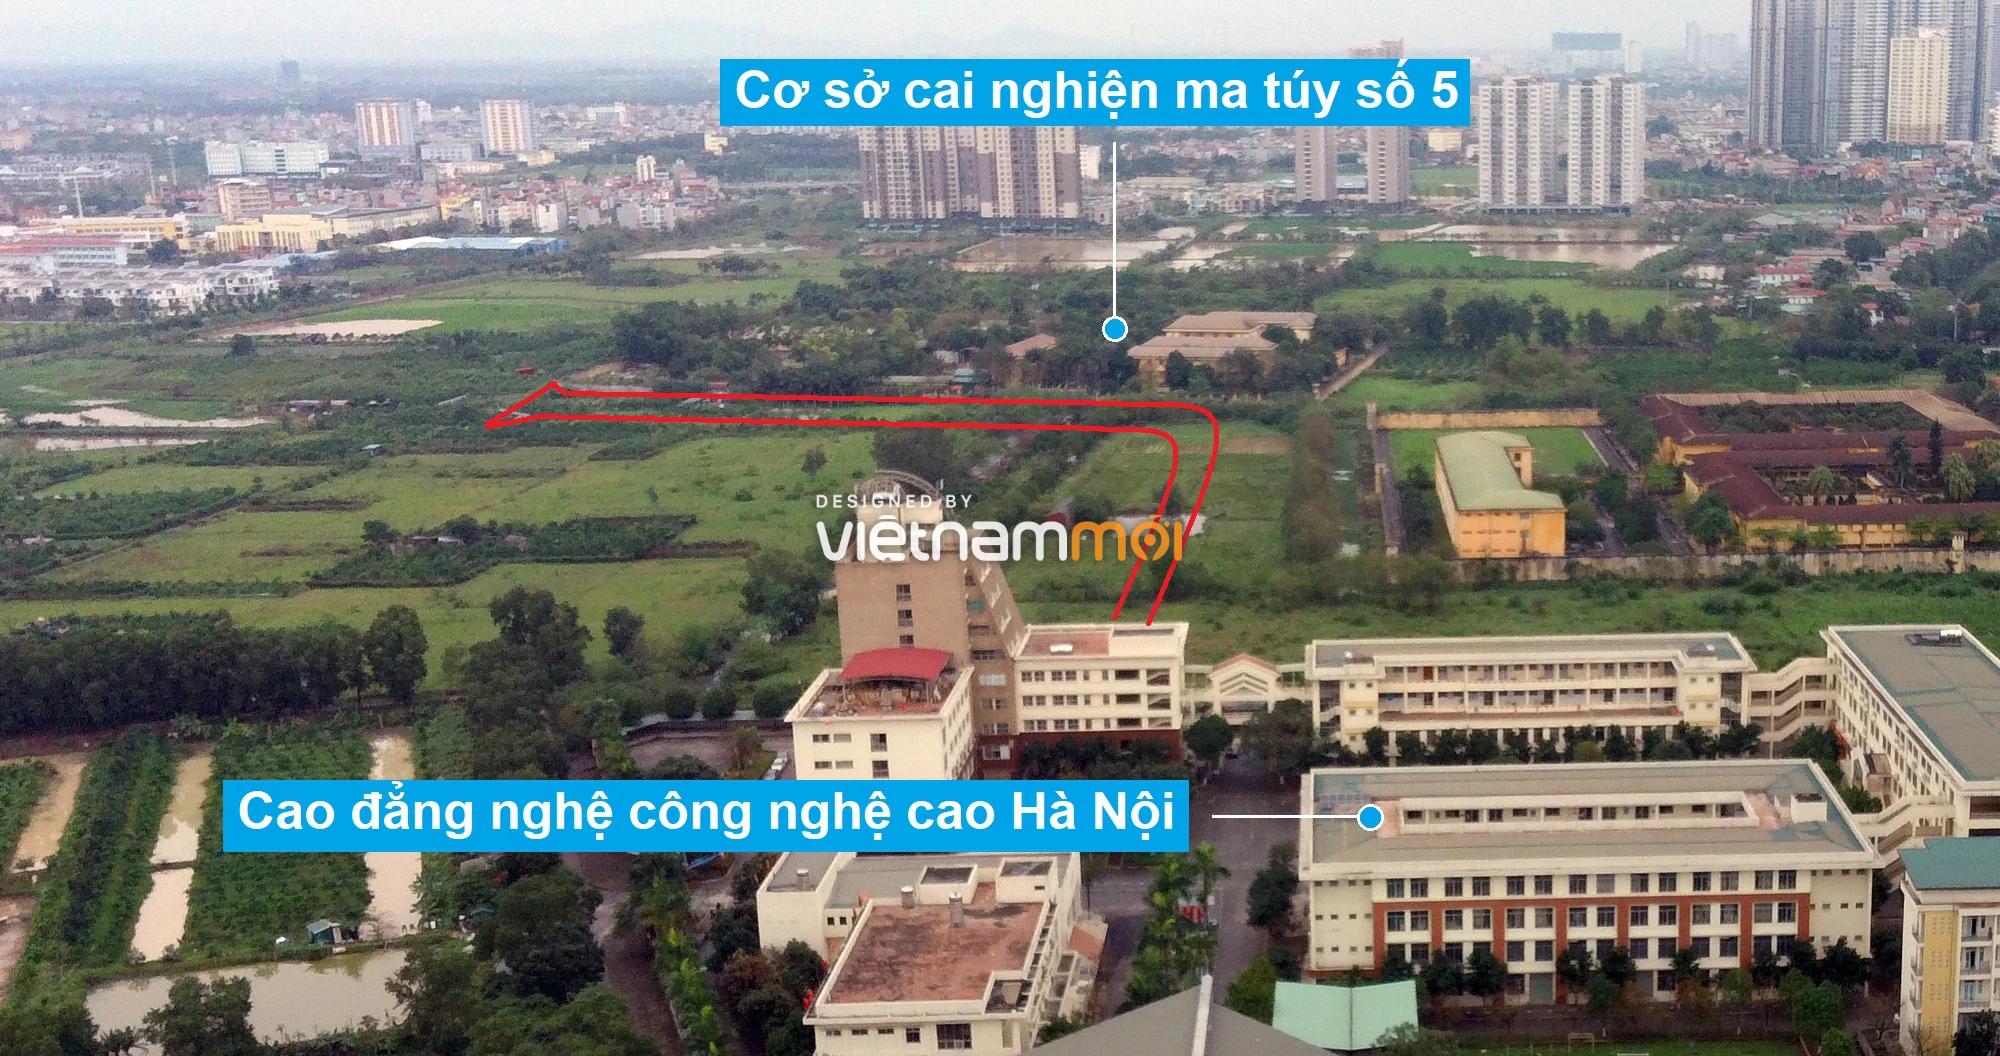 Những khu đất sắp thu hồi để mở đường ở phường Xuân Phương, Nam Từ Liêm, Hà Nội (phần 8) - Ảnh 13.